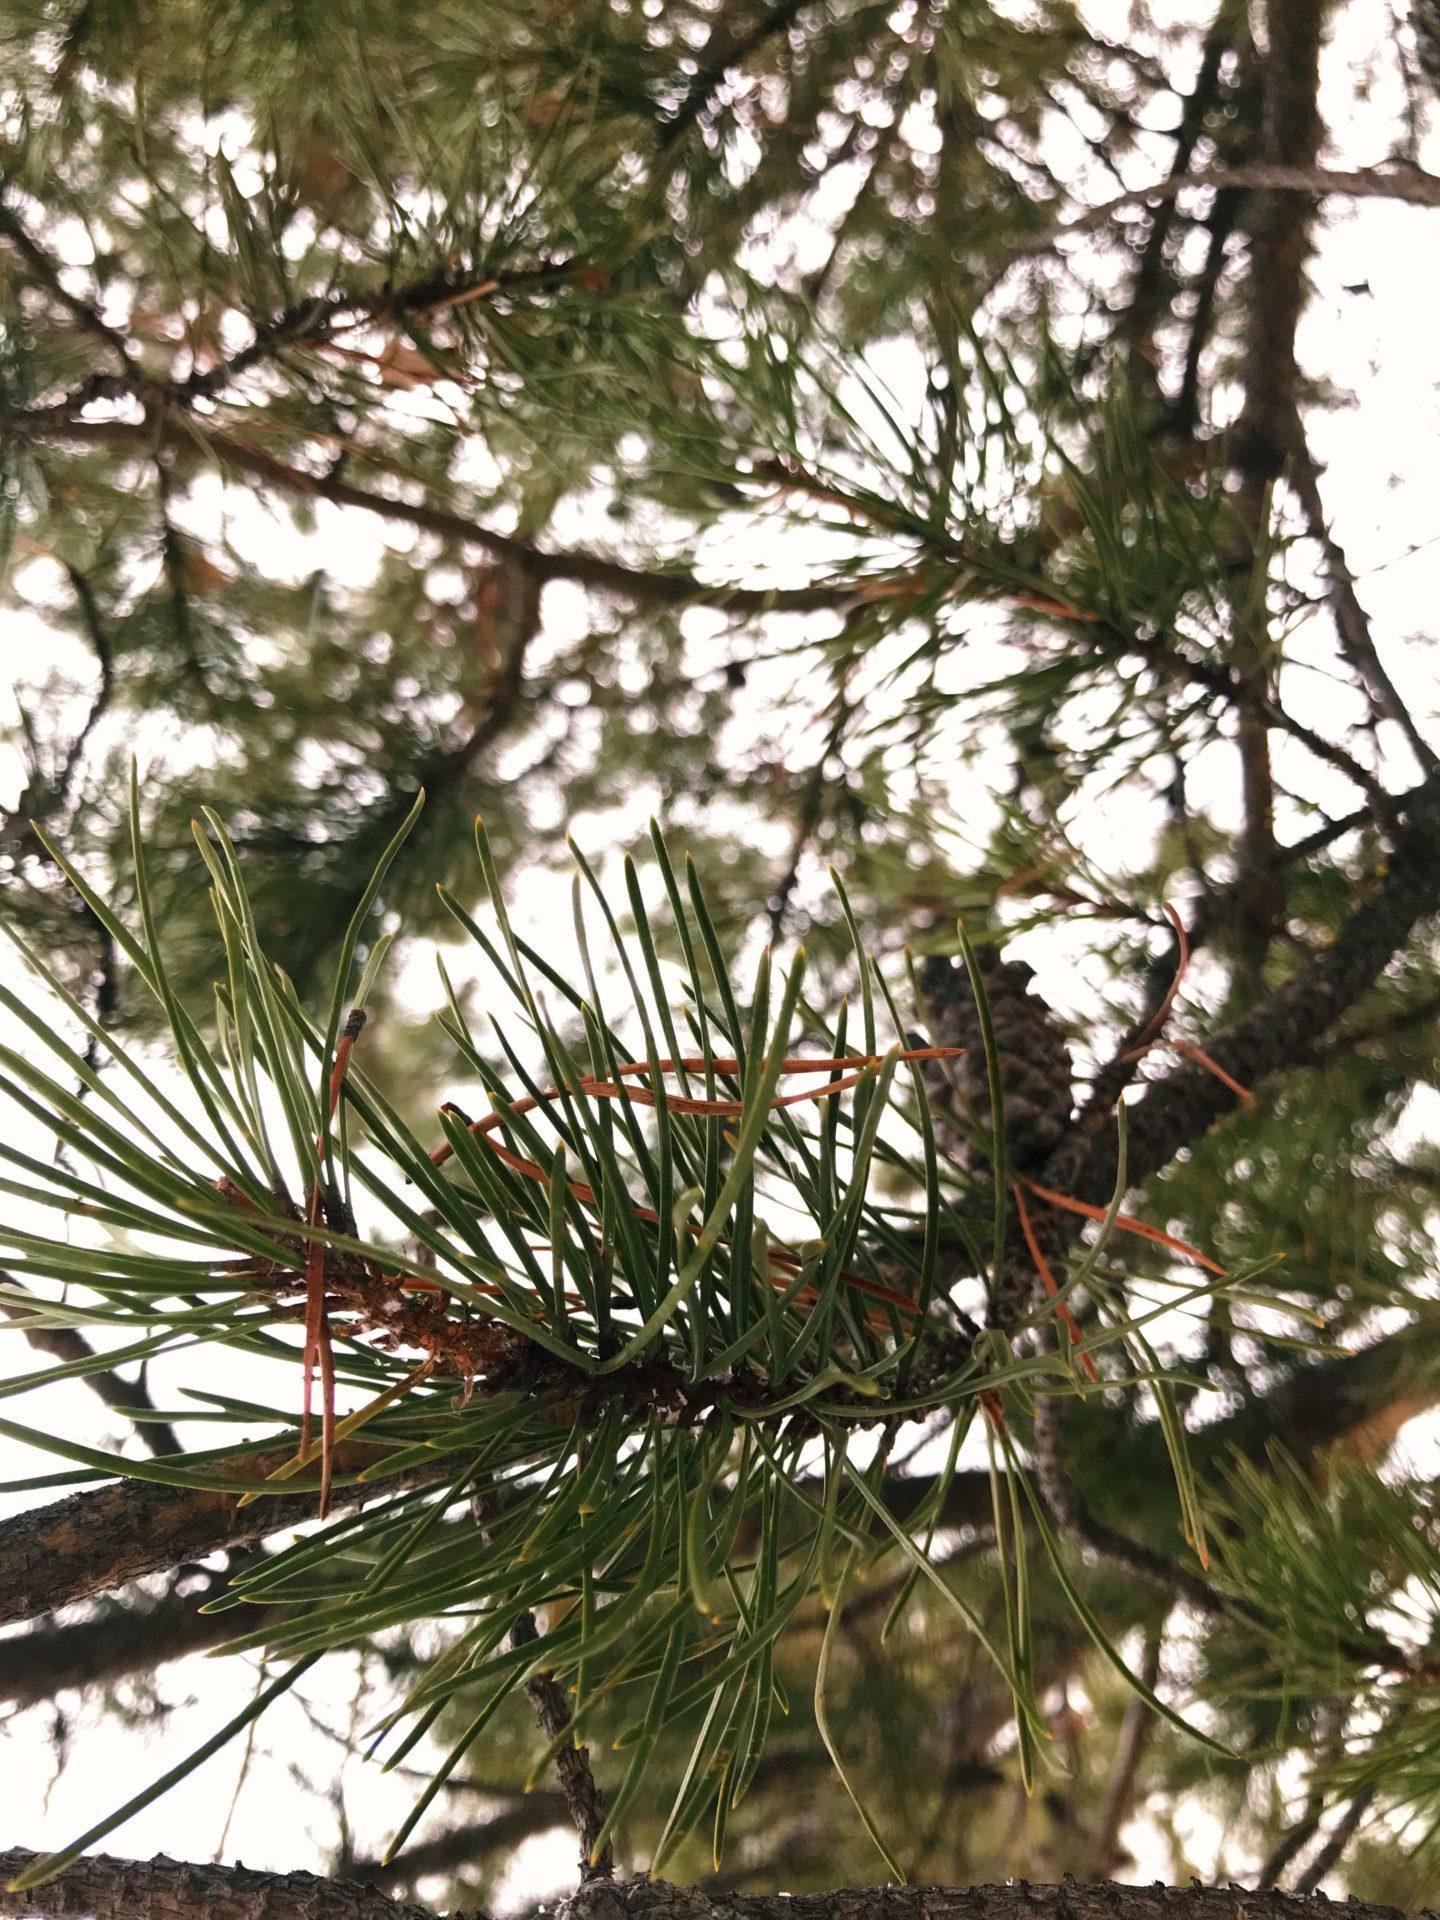 Pine. Credit: Raeanne O'Meara.